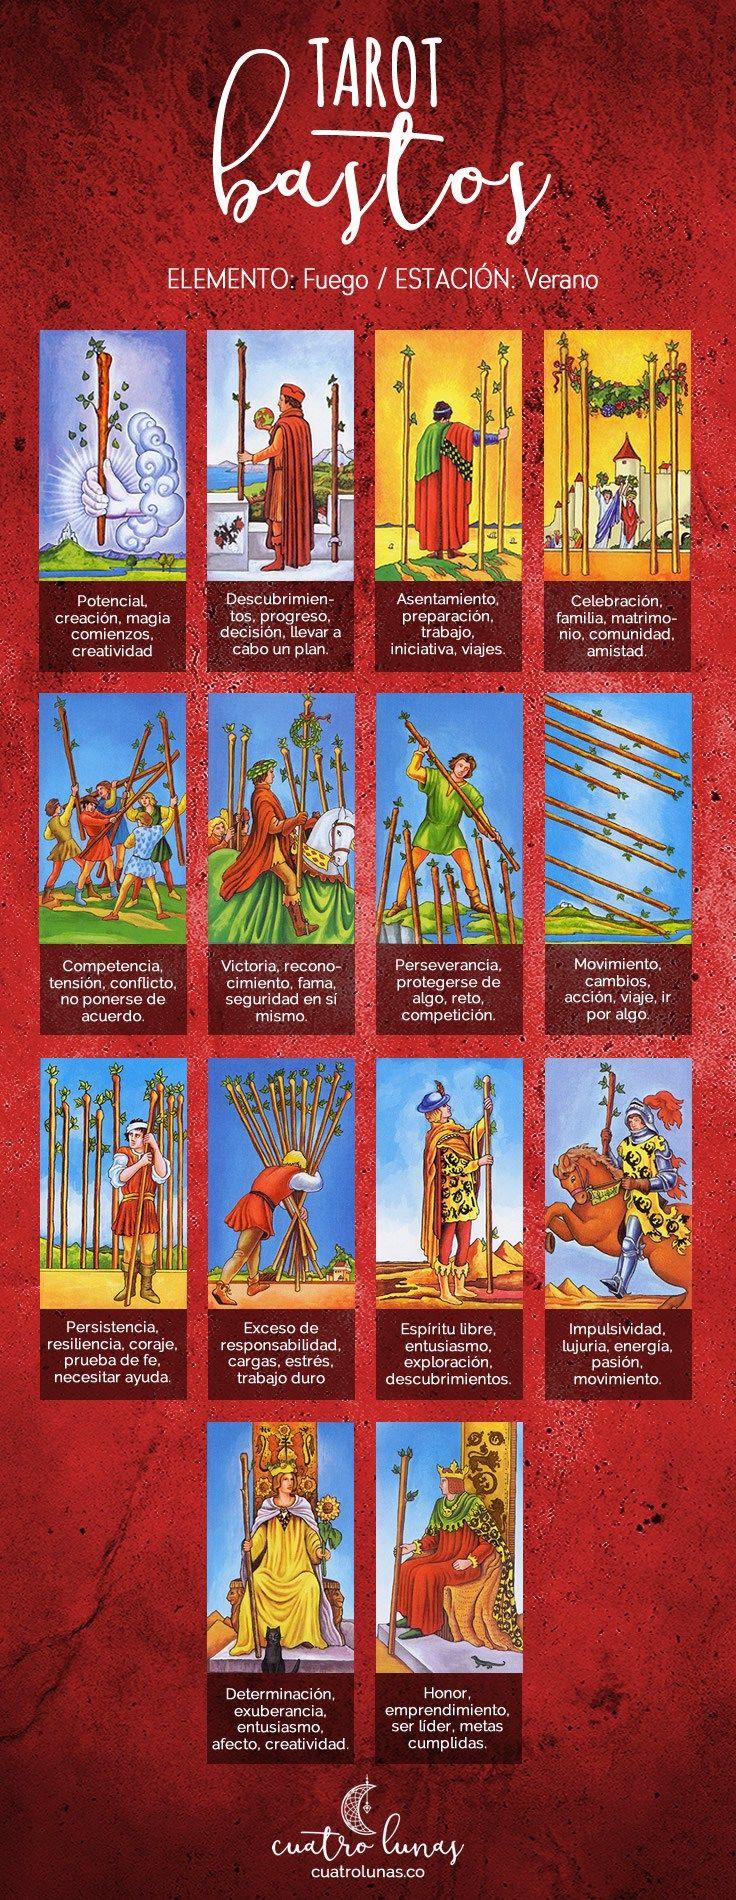 Los Arcanos Menores en el Tarot son la parte que es similar a una baraja normal de cartas, es decir, son 4 palos diferentes compuestos por los números del 1 al 10 y específicamente para el Tarot ha…